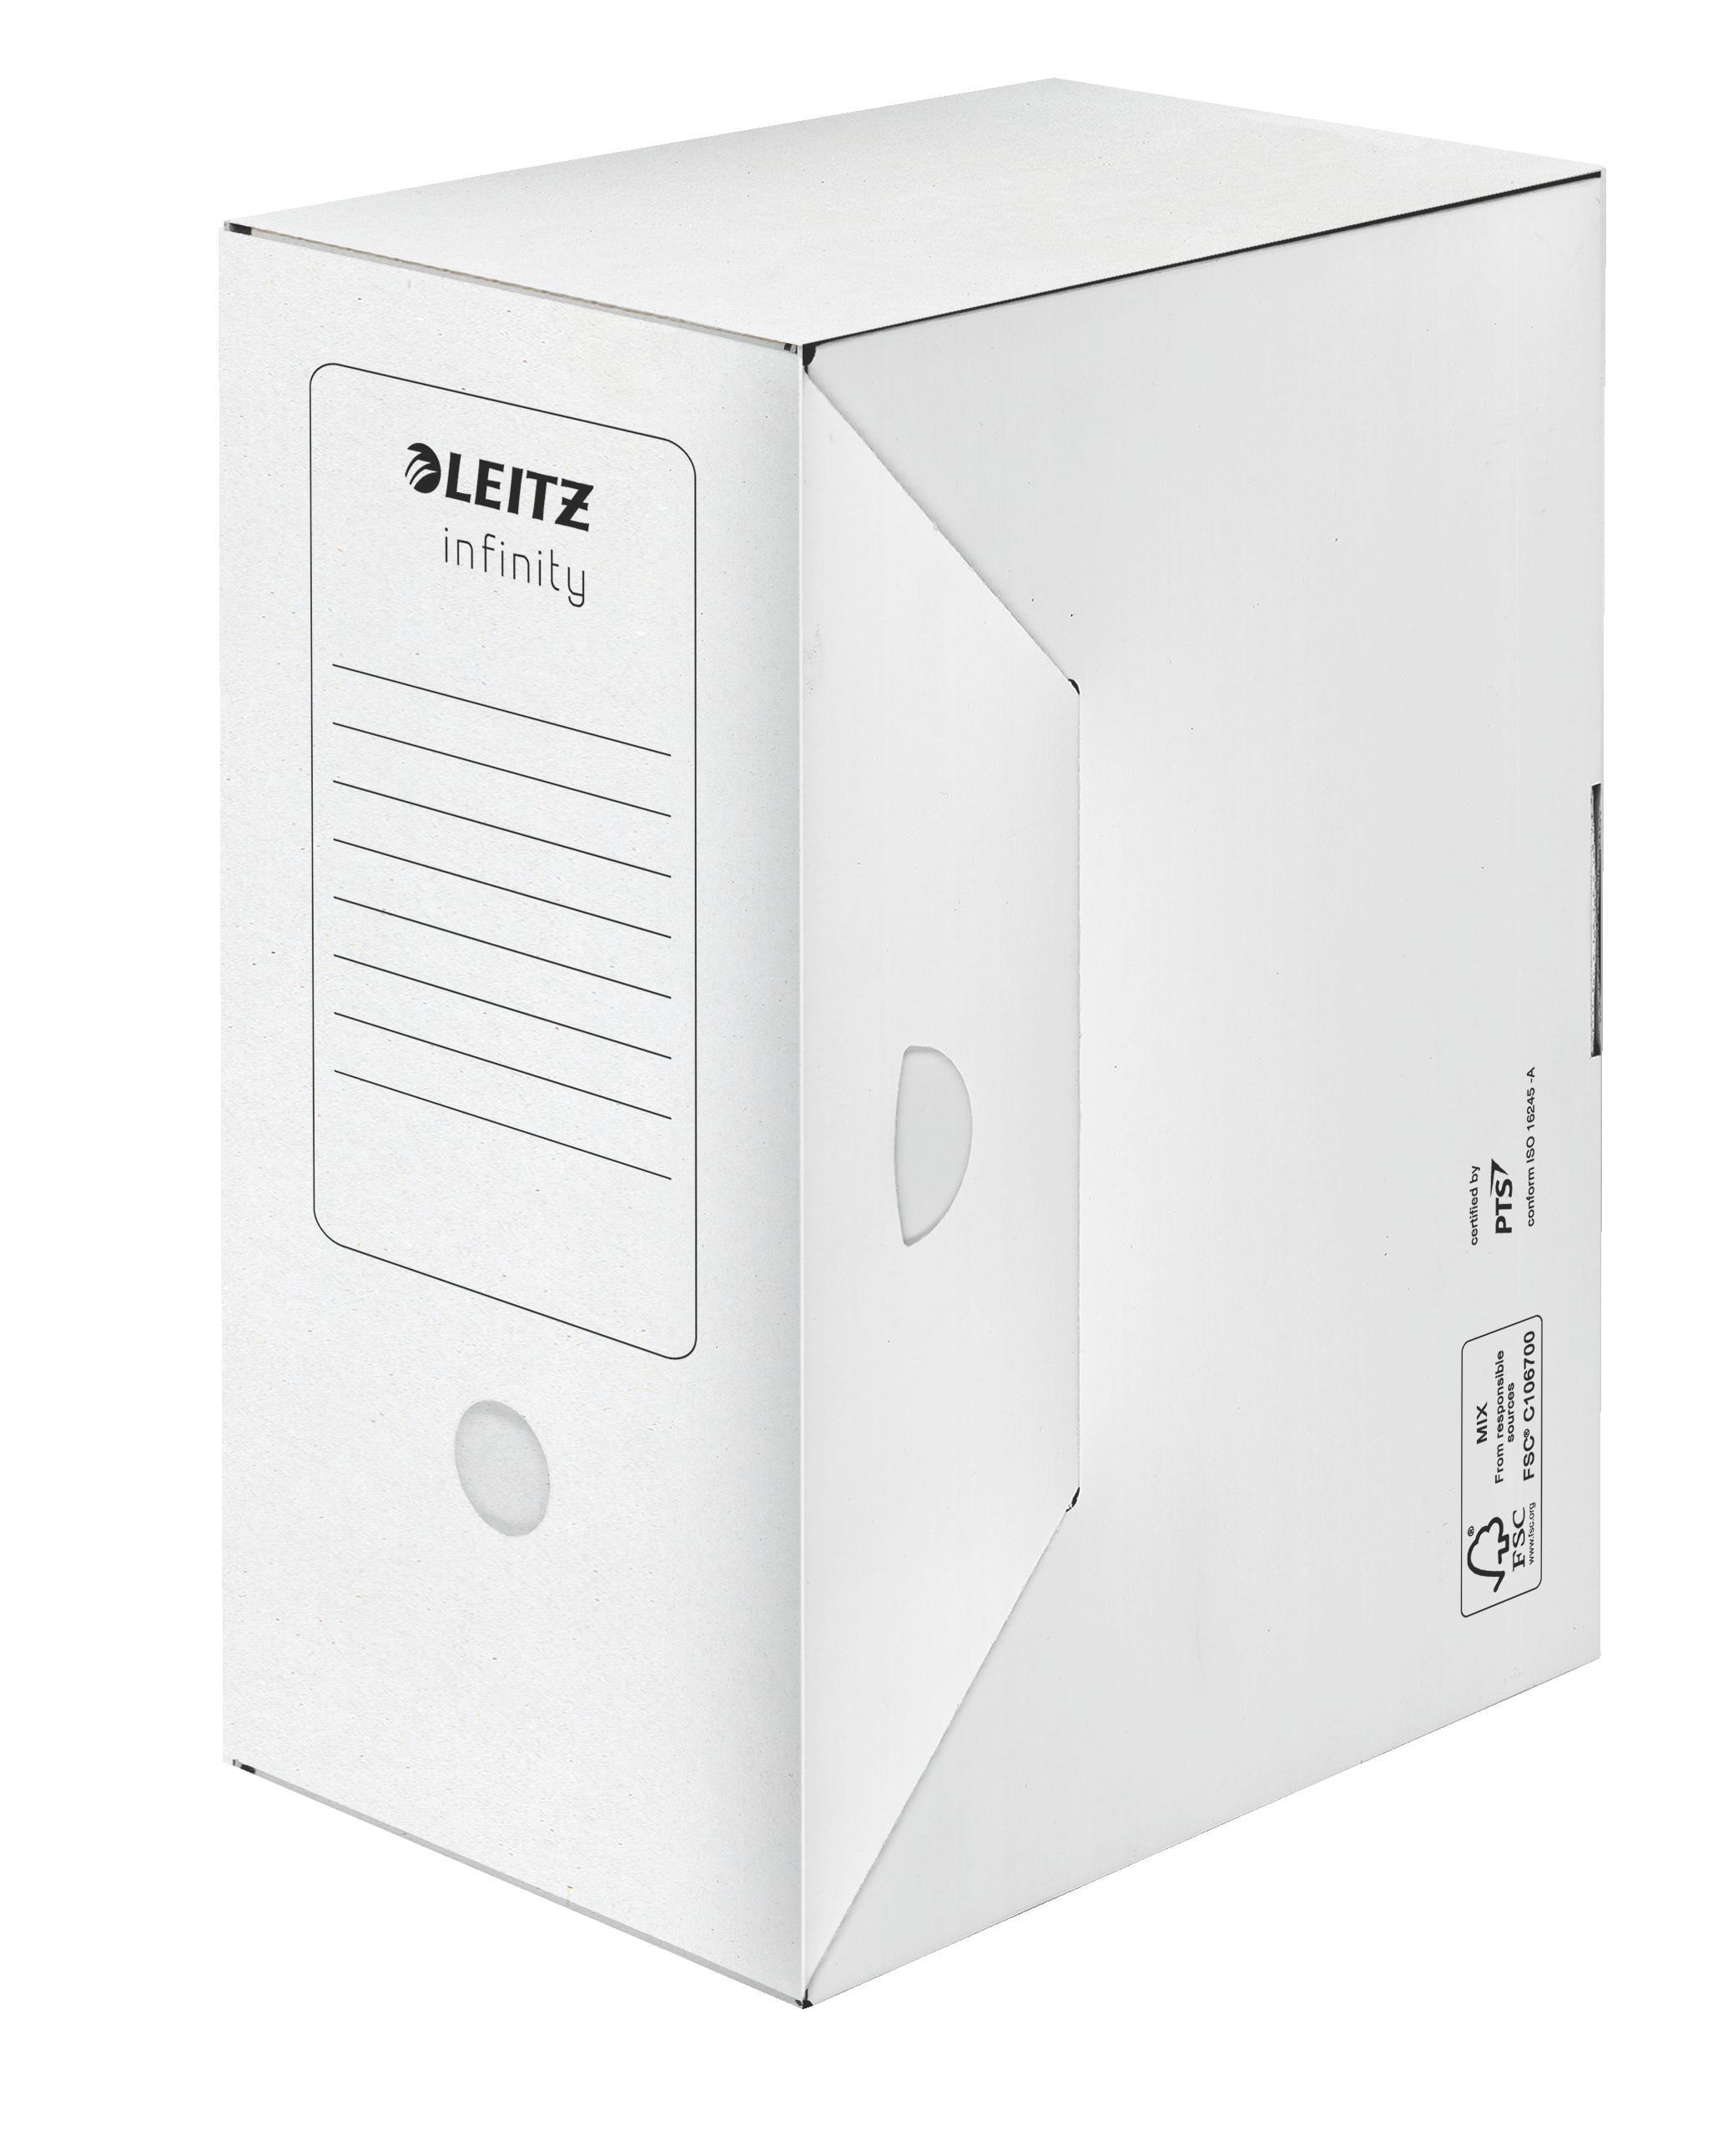 Arkivbox LEITZ Infinity FSC 150mm, 20st 10st